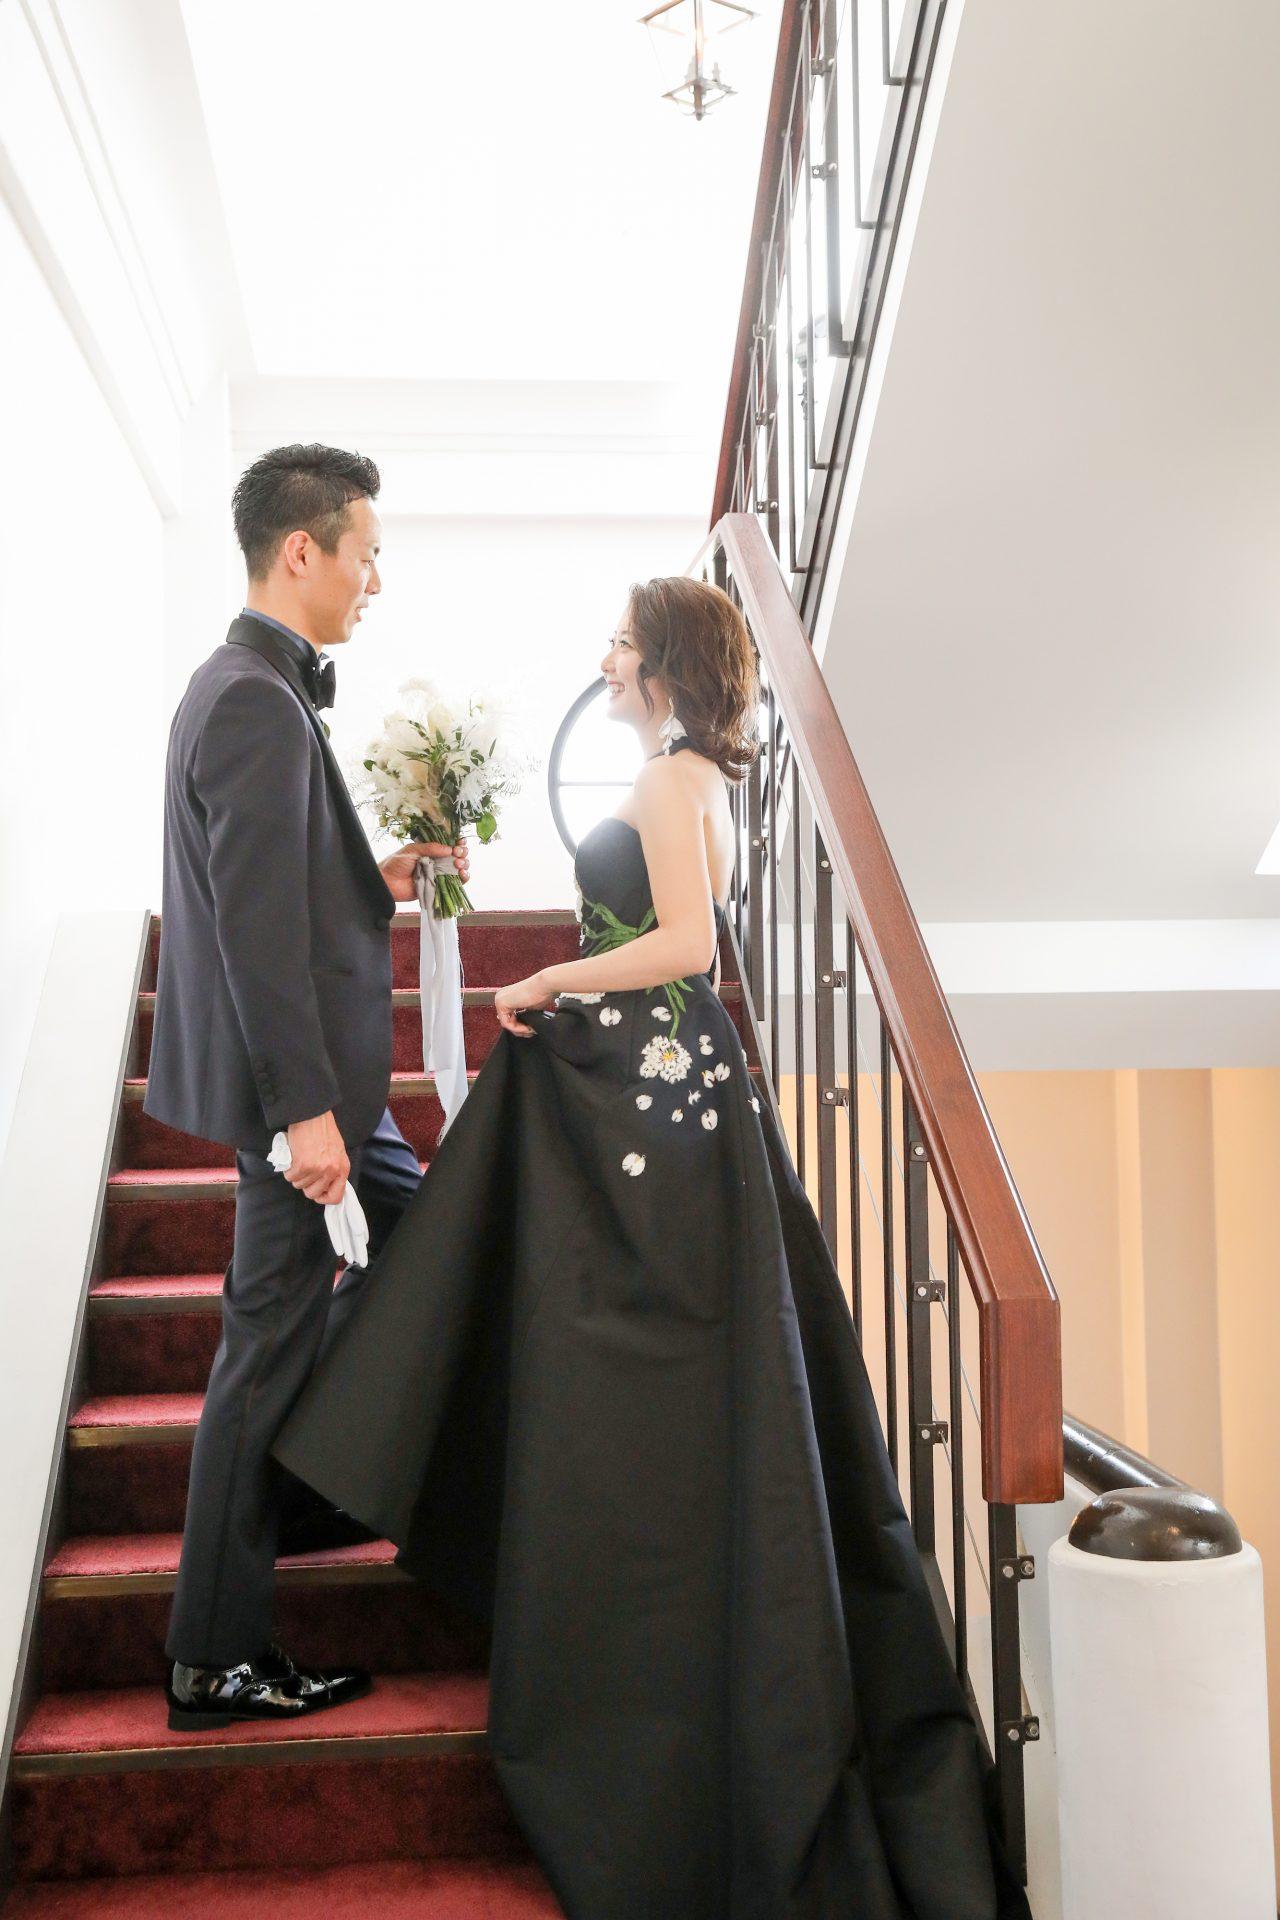 フォーチュンガーデン京都でお式を挙げられる新郎新婦様にご紹介したいシックでスタイリッシュなネイビーのタキシードとブラックのカラードレス